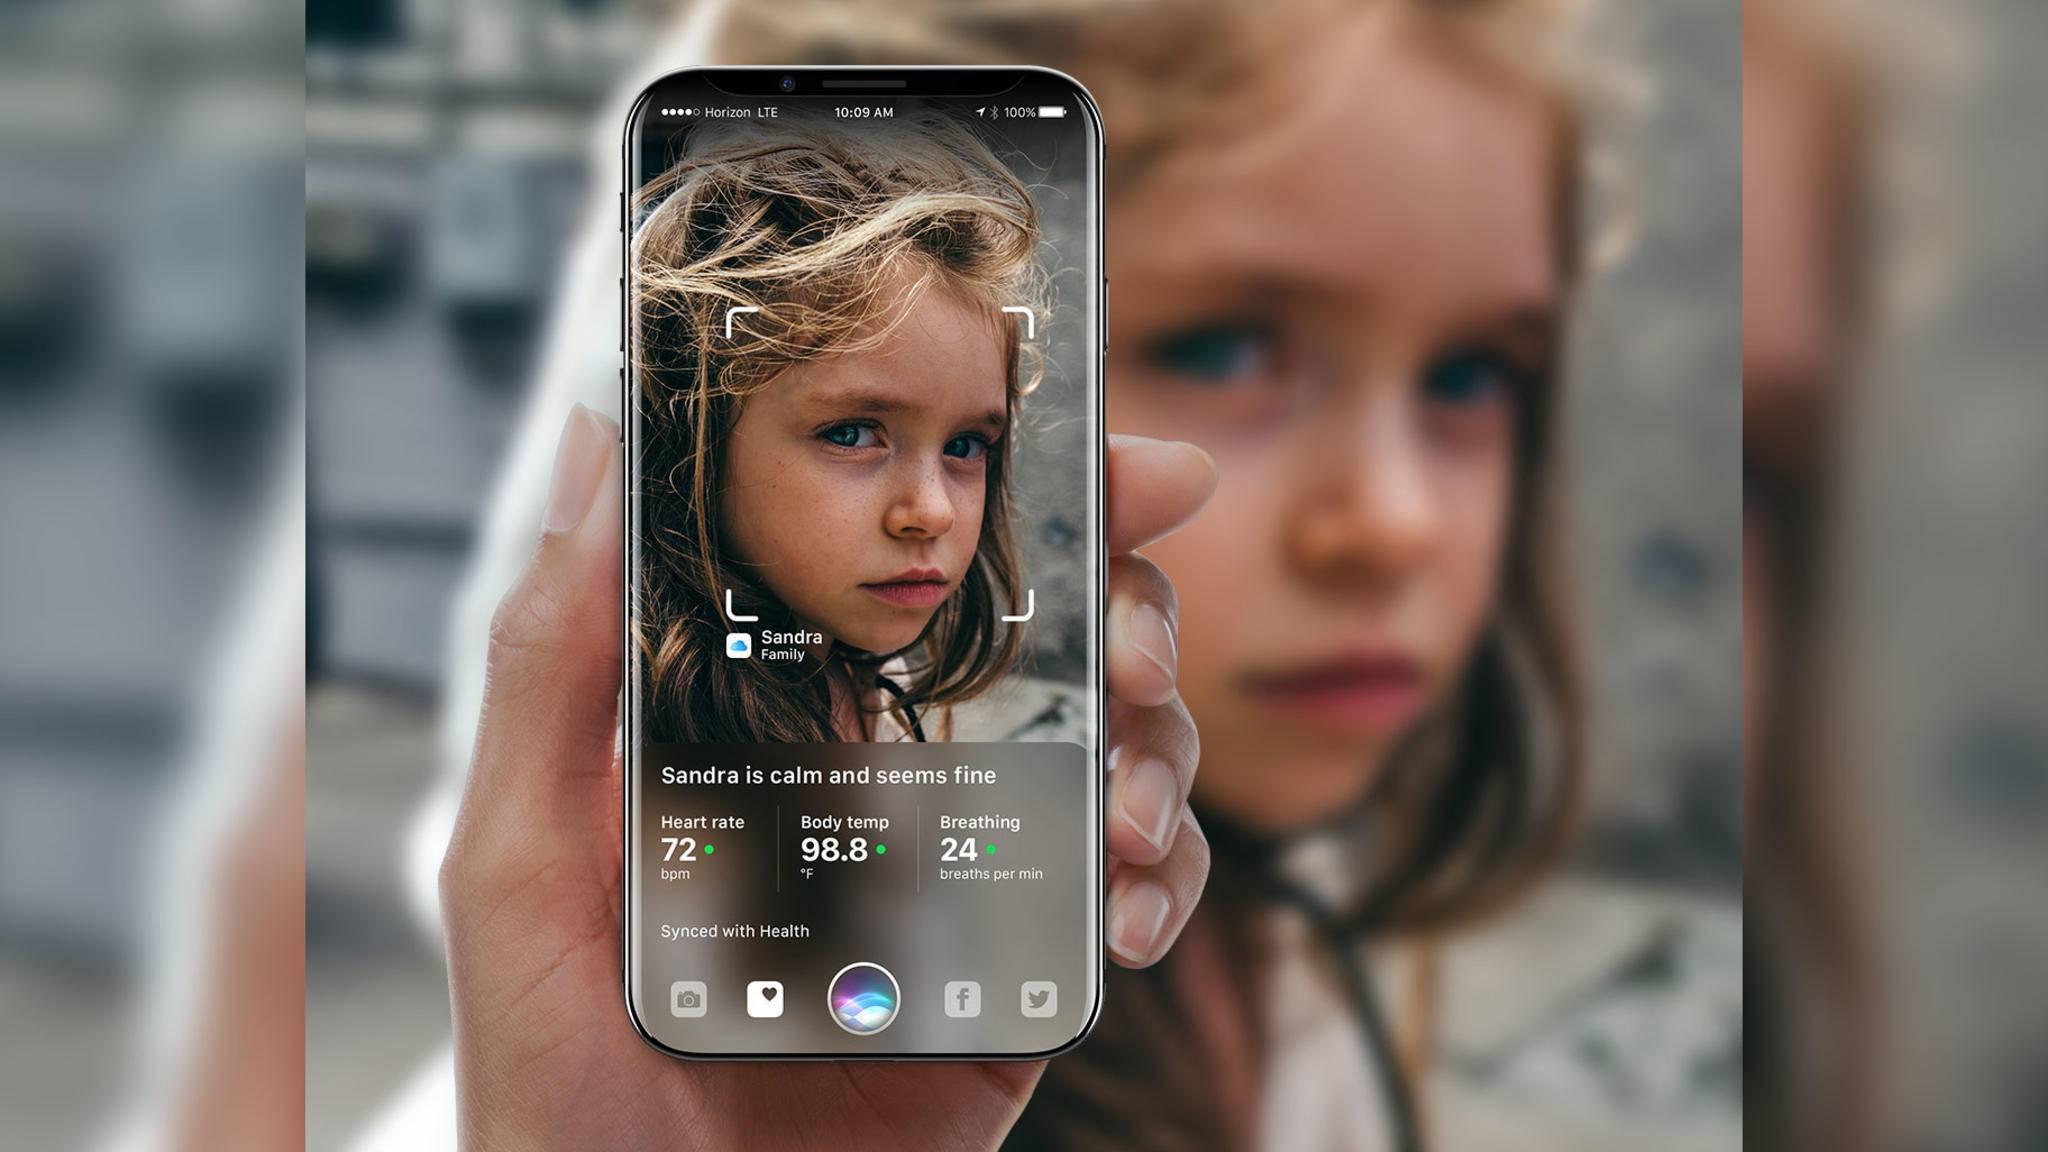 Neben Touch ID soll das iPhone 8 die Gesichtserkennung zum Entsperren mitbringen.